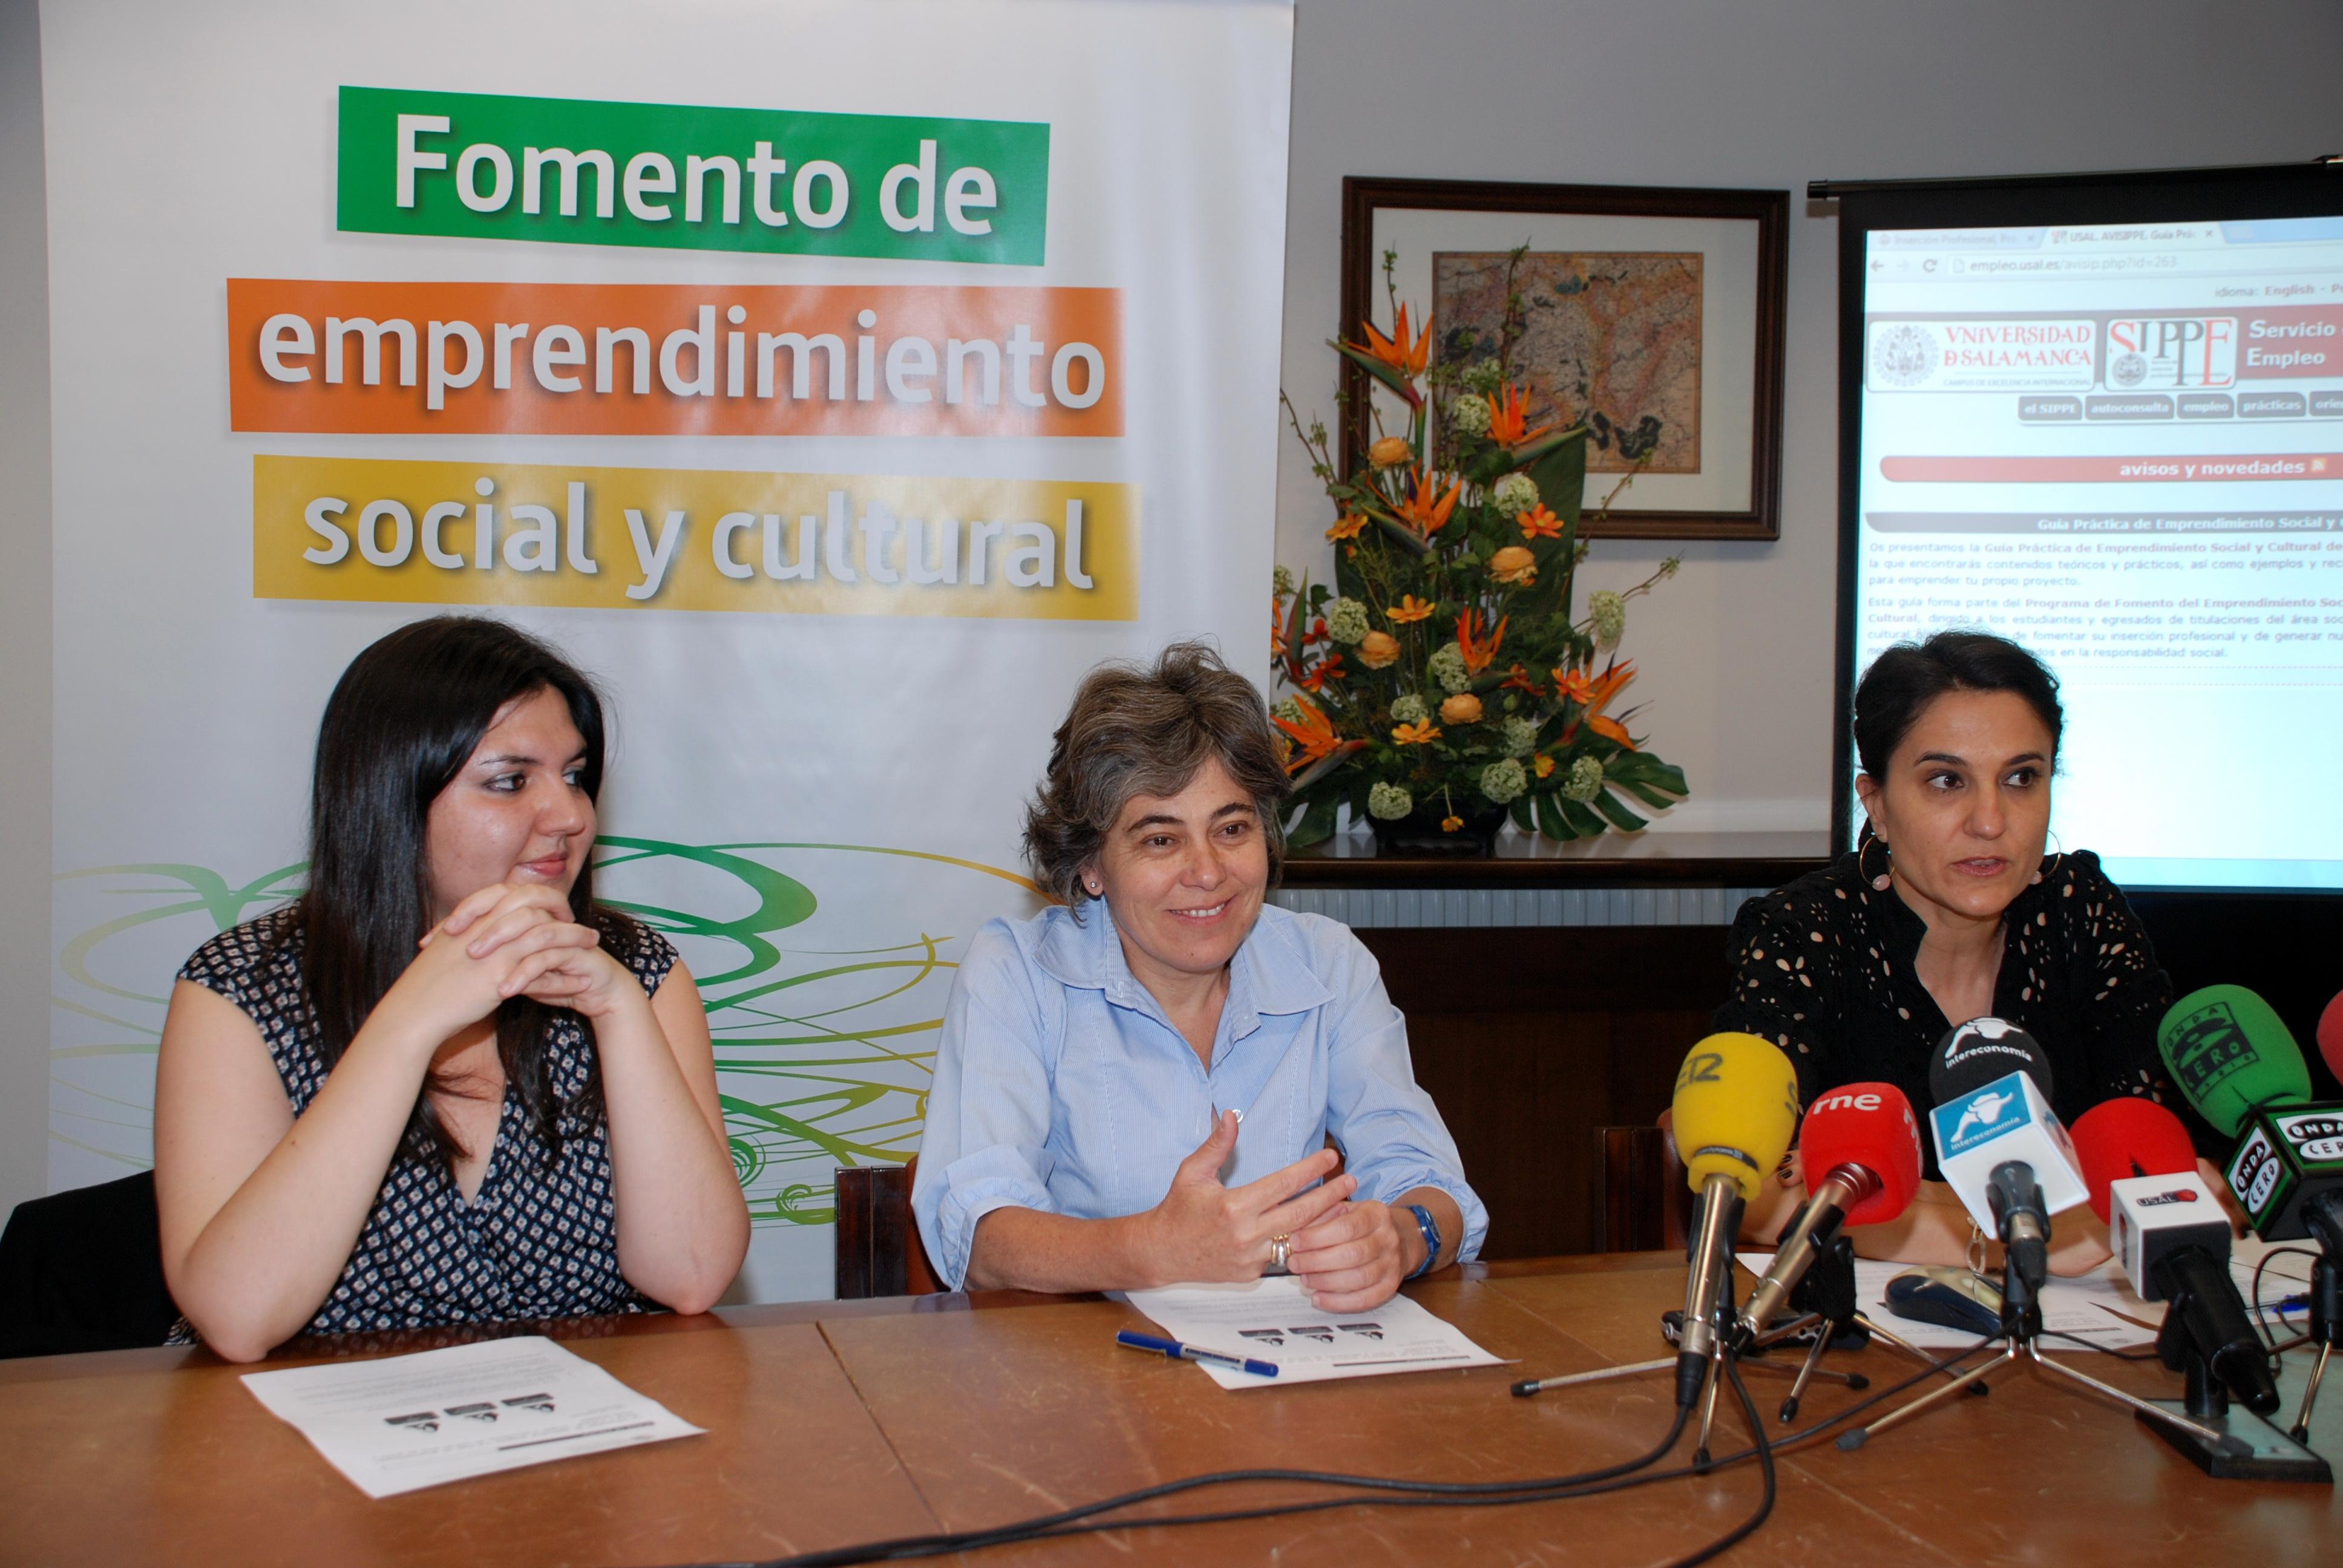 El Servicio de Inserción Profesional, Prácticas y Empleo de la Universidad de Salamanca presenta 'La Guía de Emprendimiento Social y Cultural'